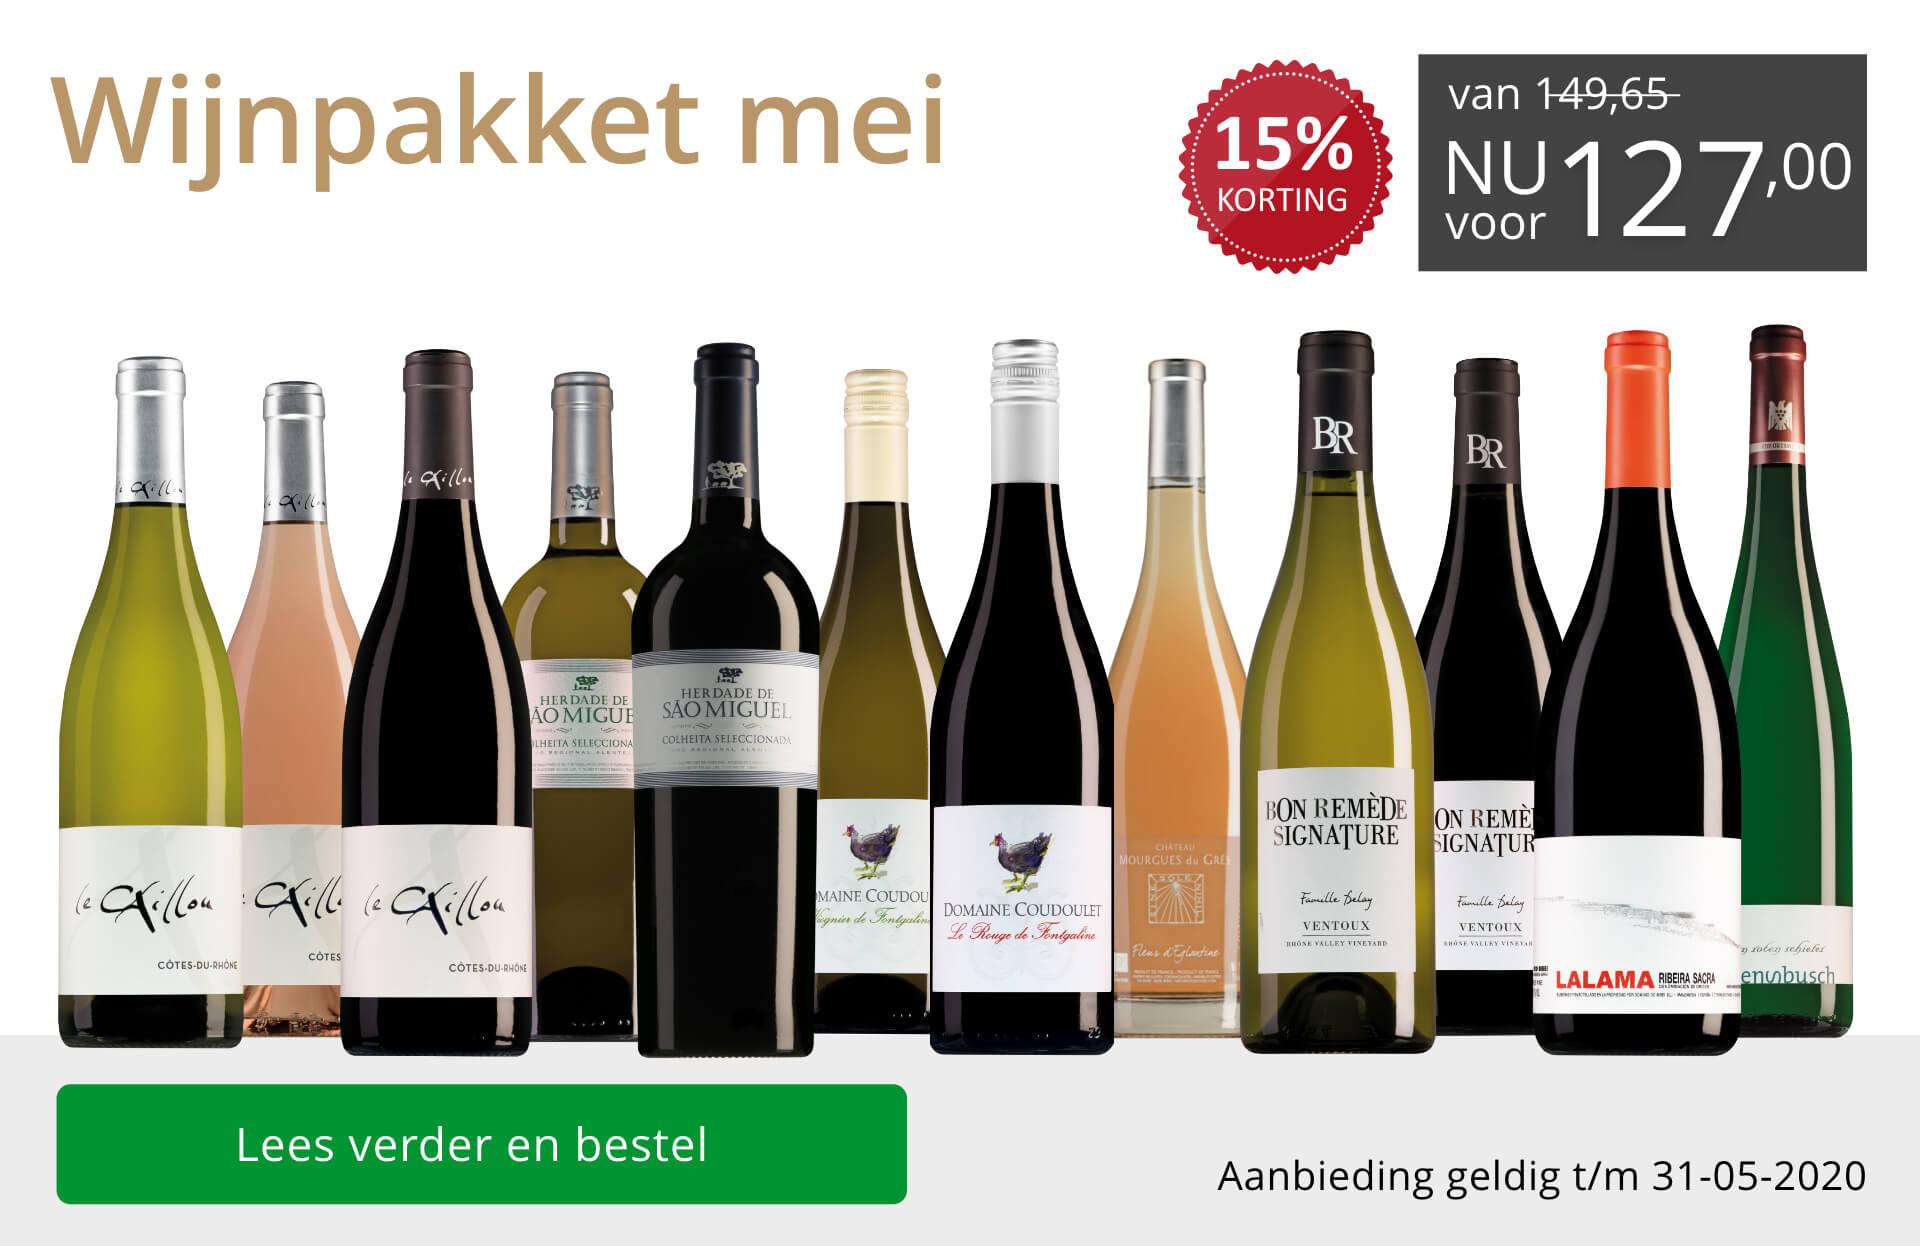 Wijnpakket wijnbericht mei 2020 (127,00) - grijs/goud